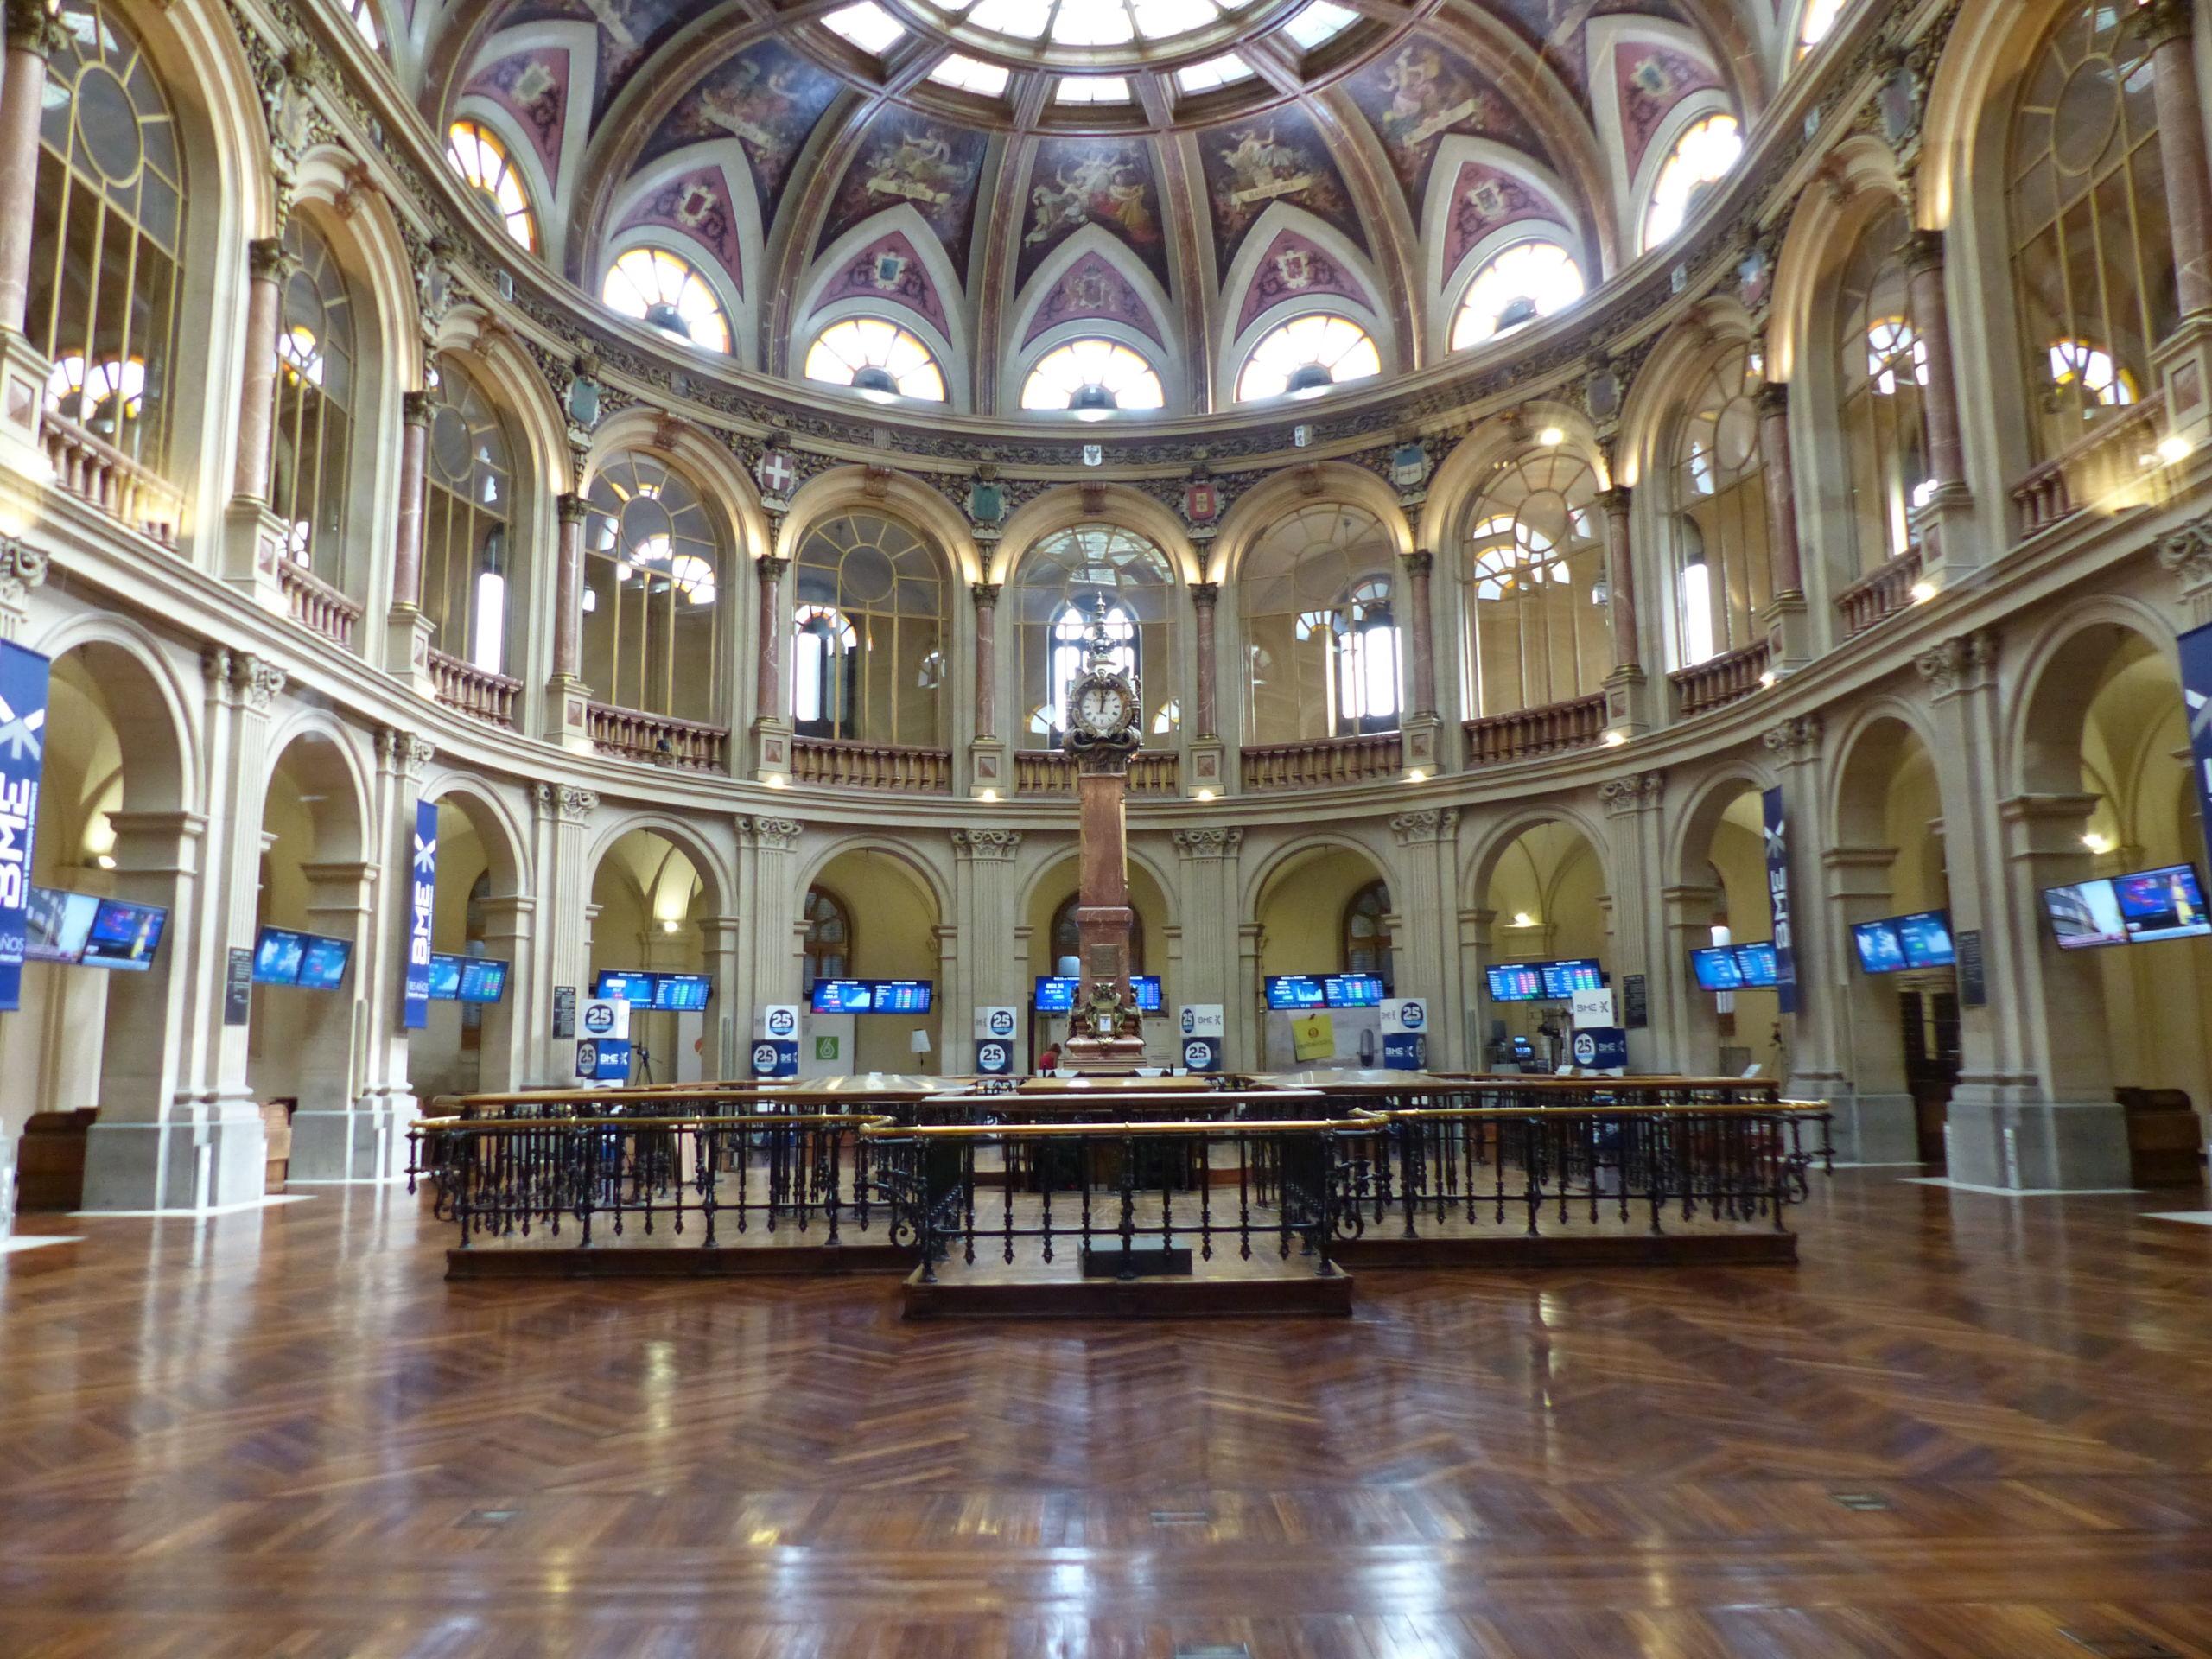 Consideraciones en torno a la propuesta del eje Prado-Retiro de Madrid como patrimonio mundial 18